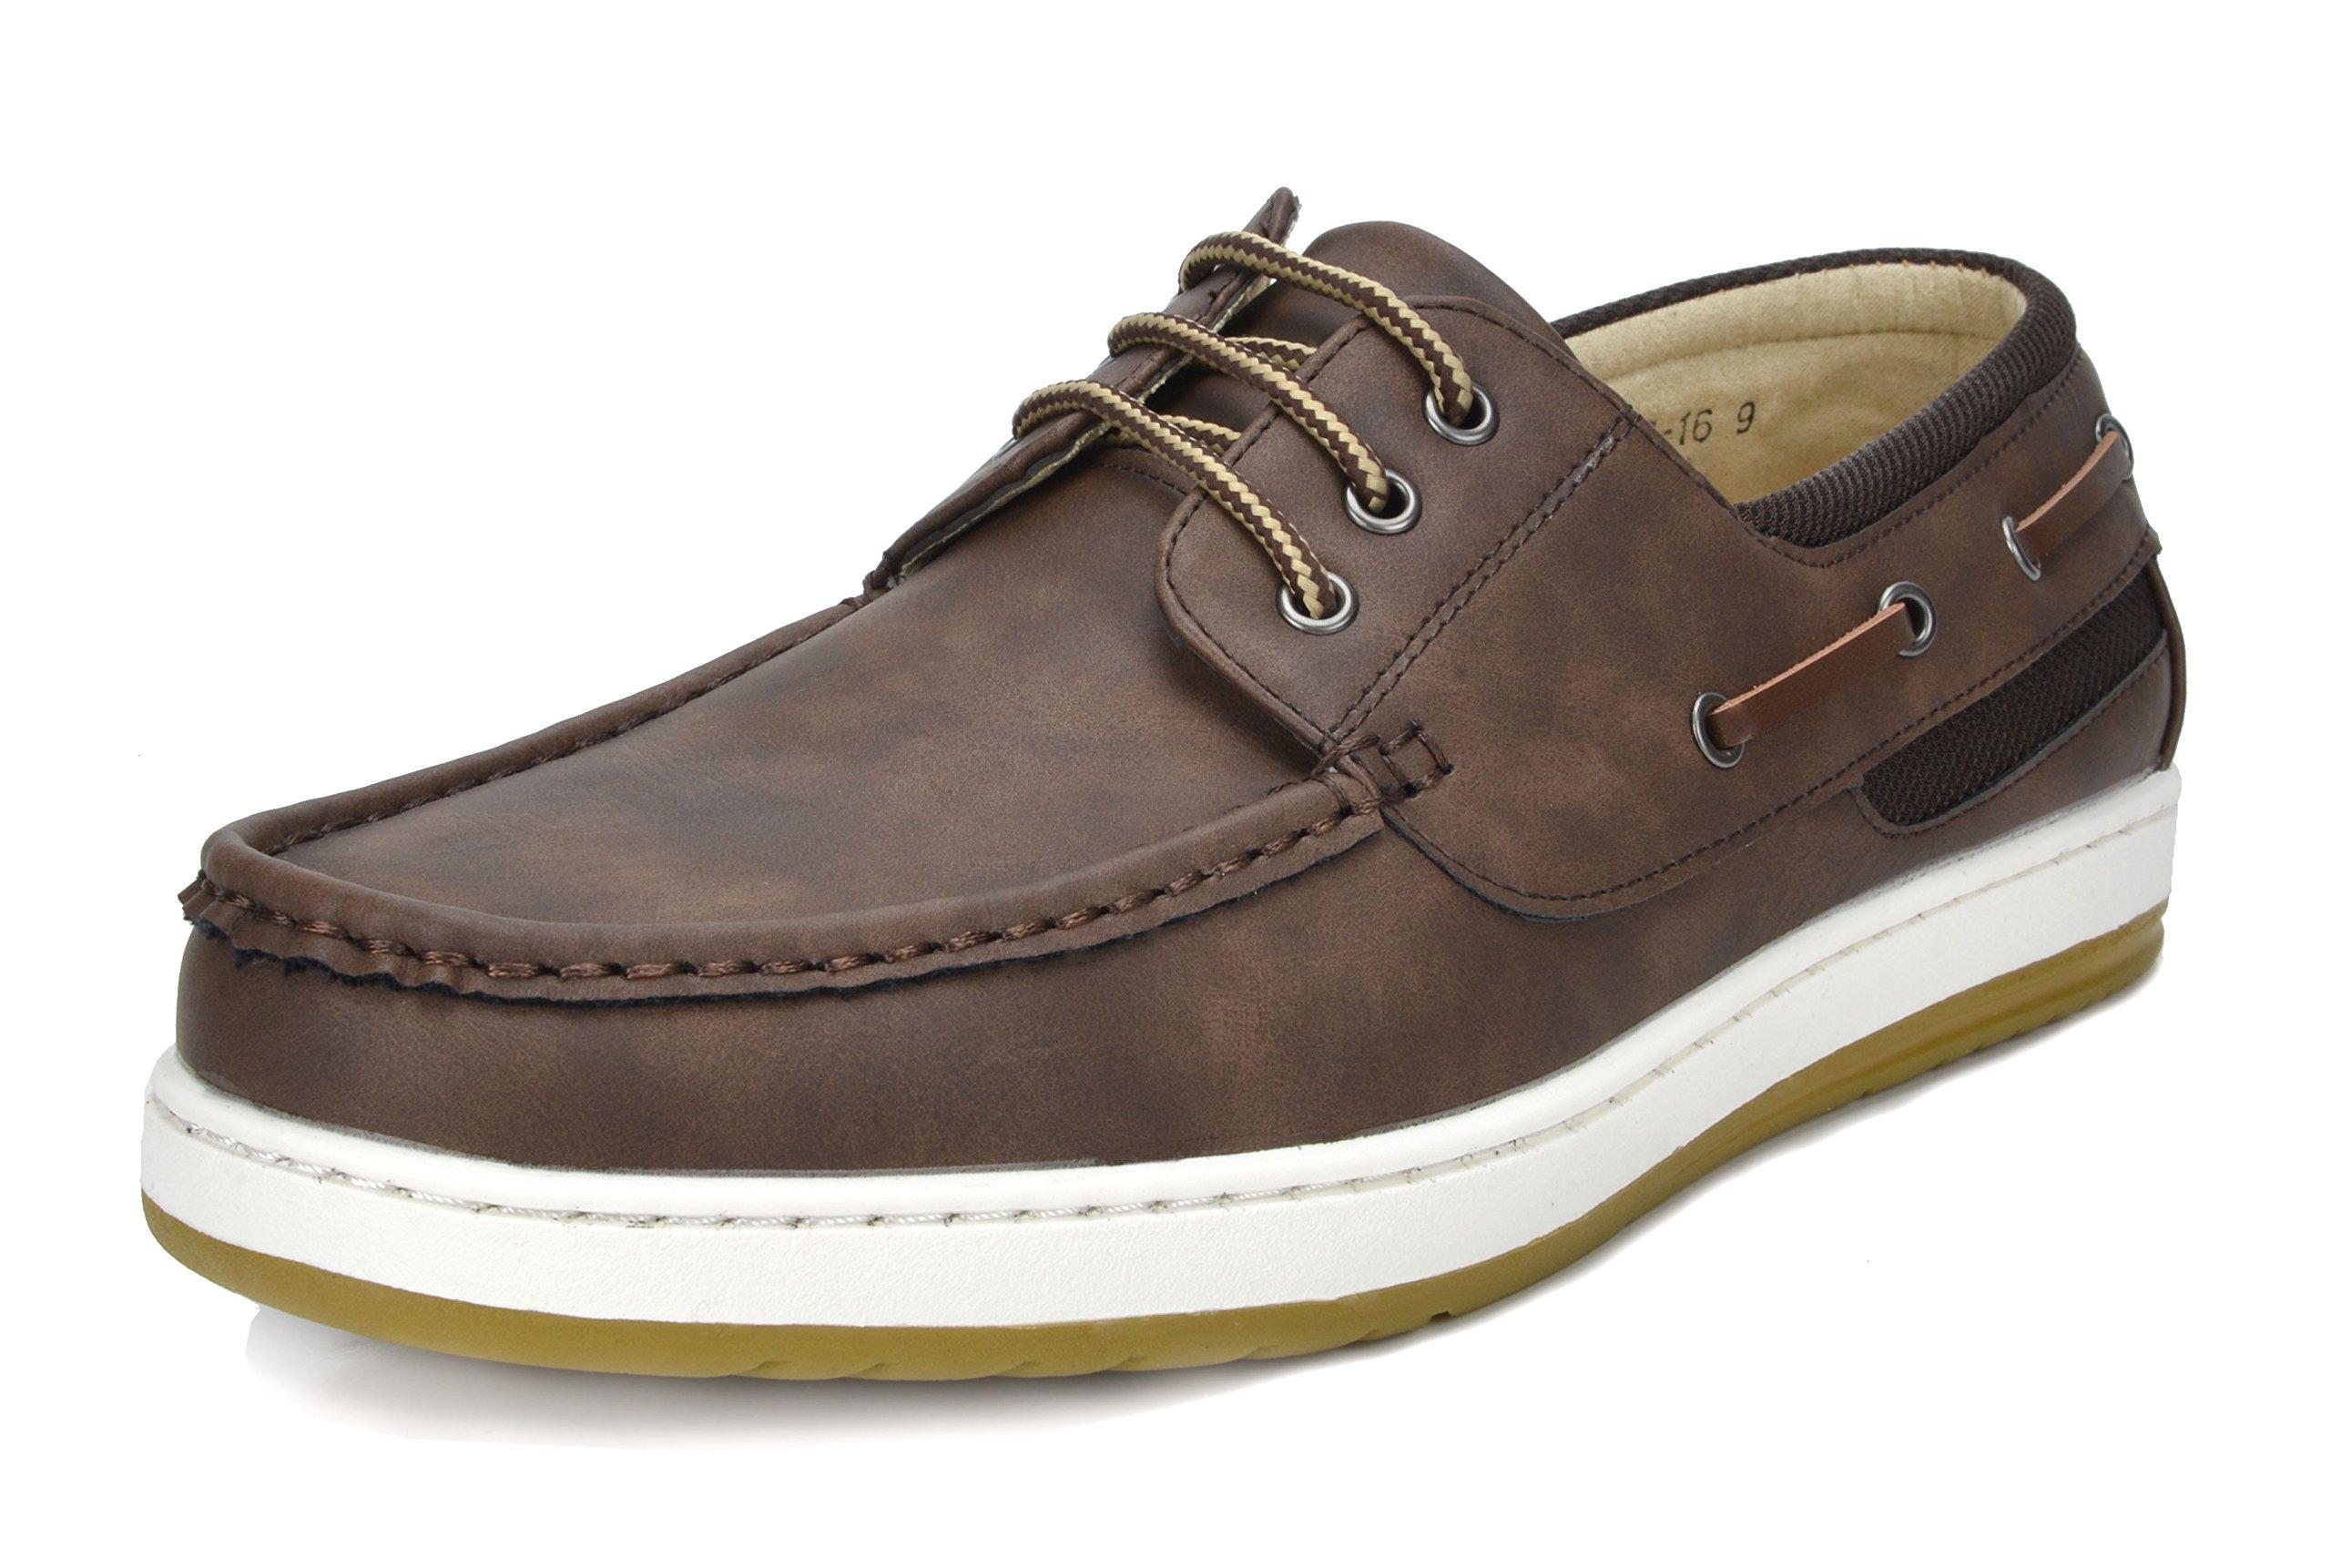 Bruno Marc Men's Pitts_16 DK.BRN/DK.BRN Oxfords Moccasins Boat Shoes Size 11 by Bruno Marc (Image #1)